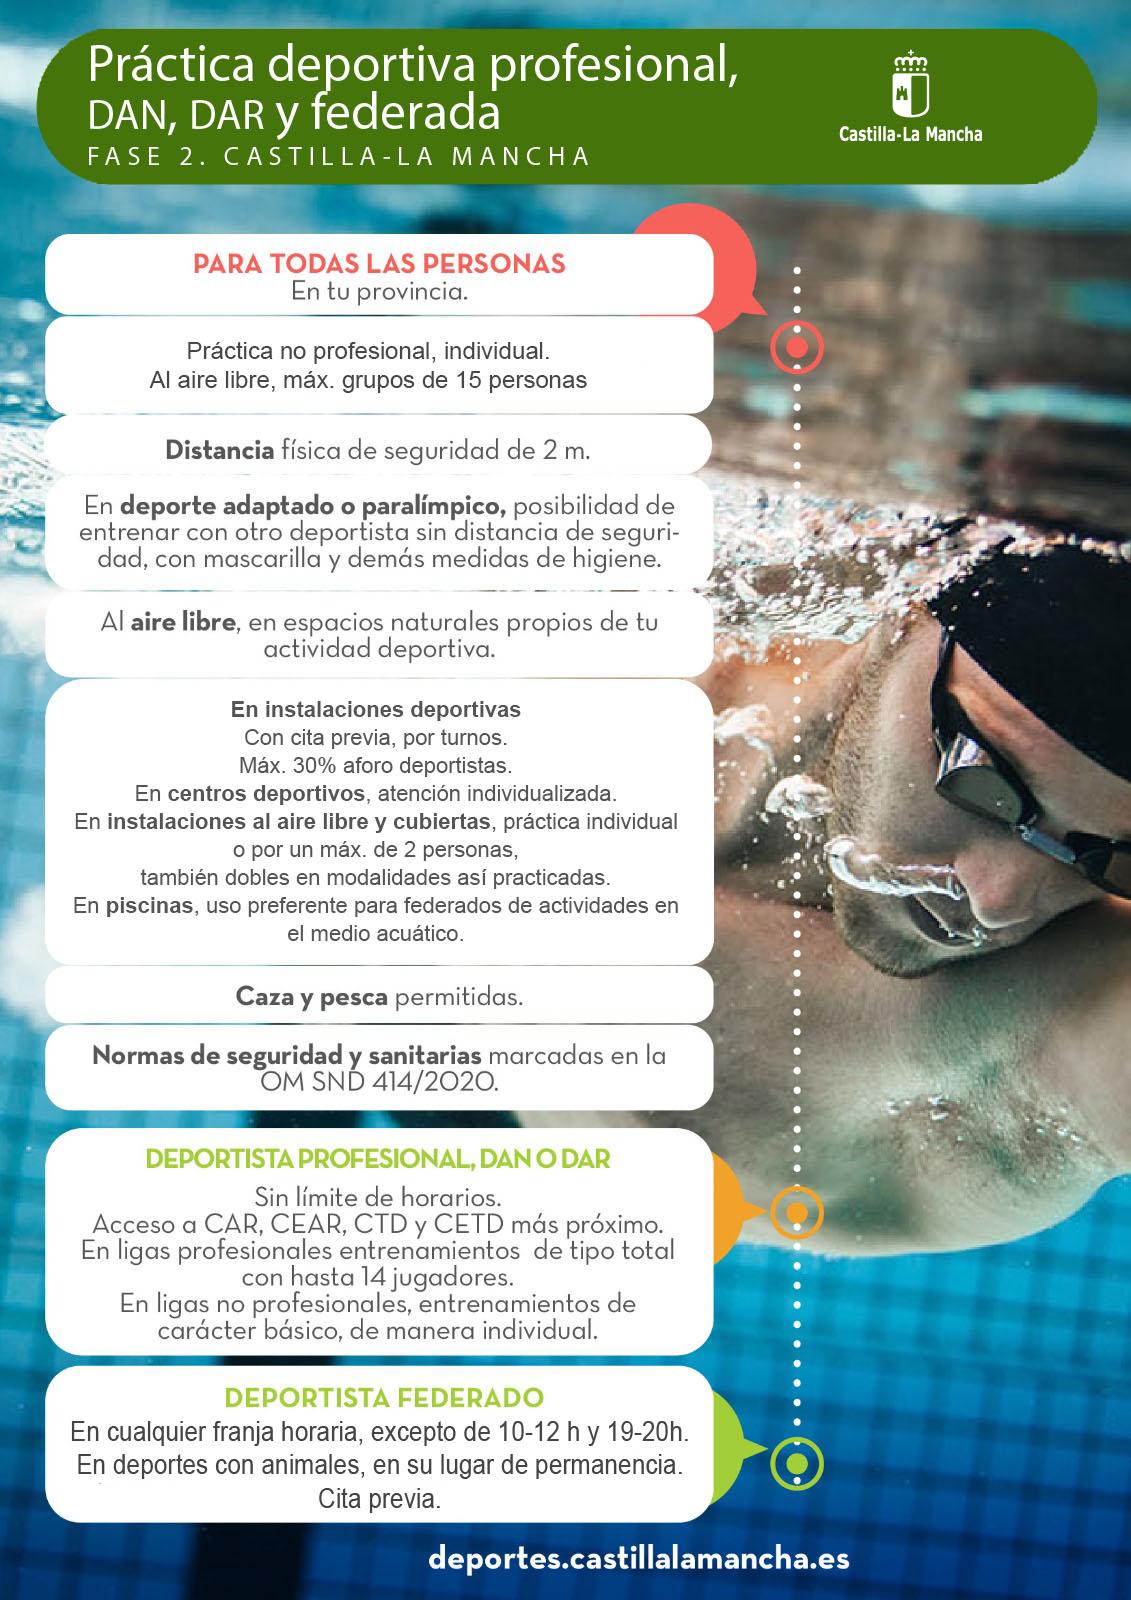 Fase 2 - CLM - Deporte profesional, DAN, DAR y federado (01/06/2020)